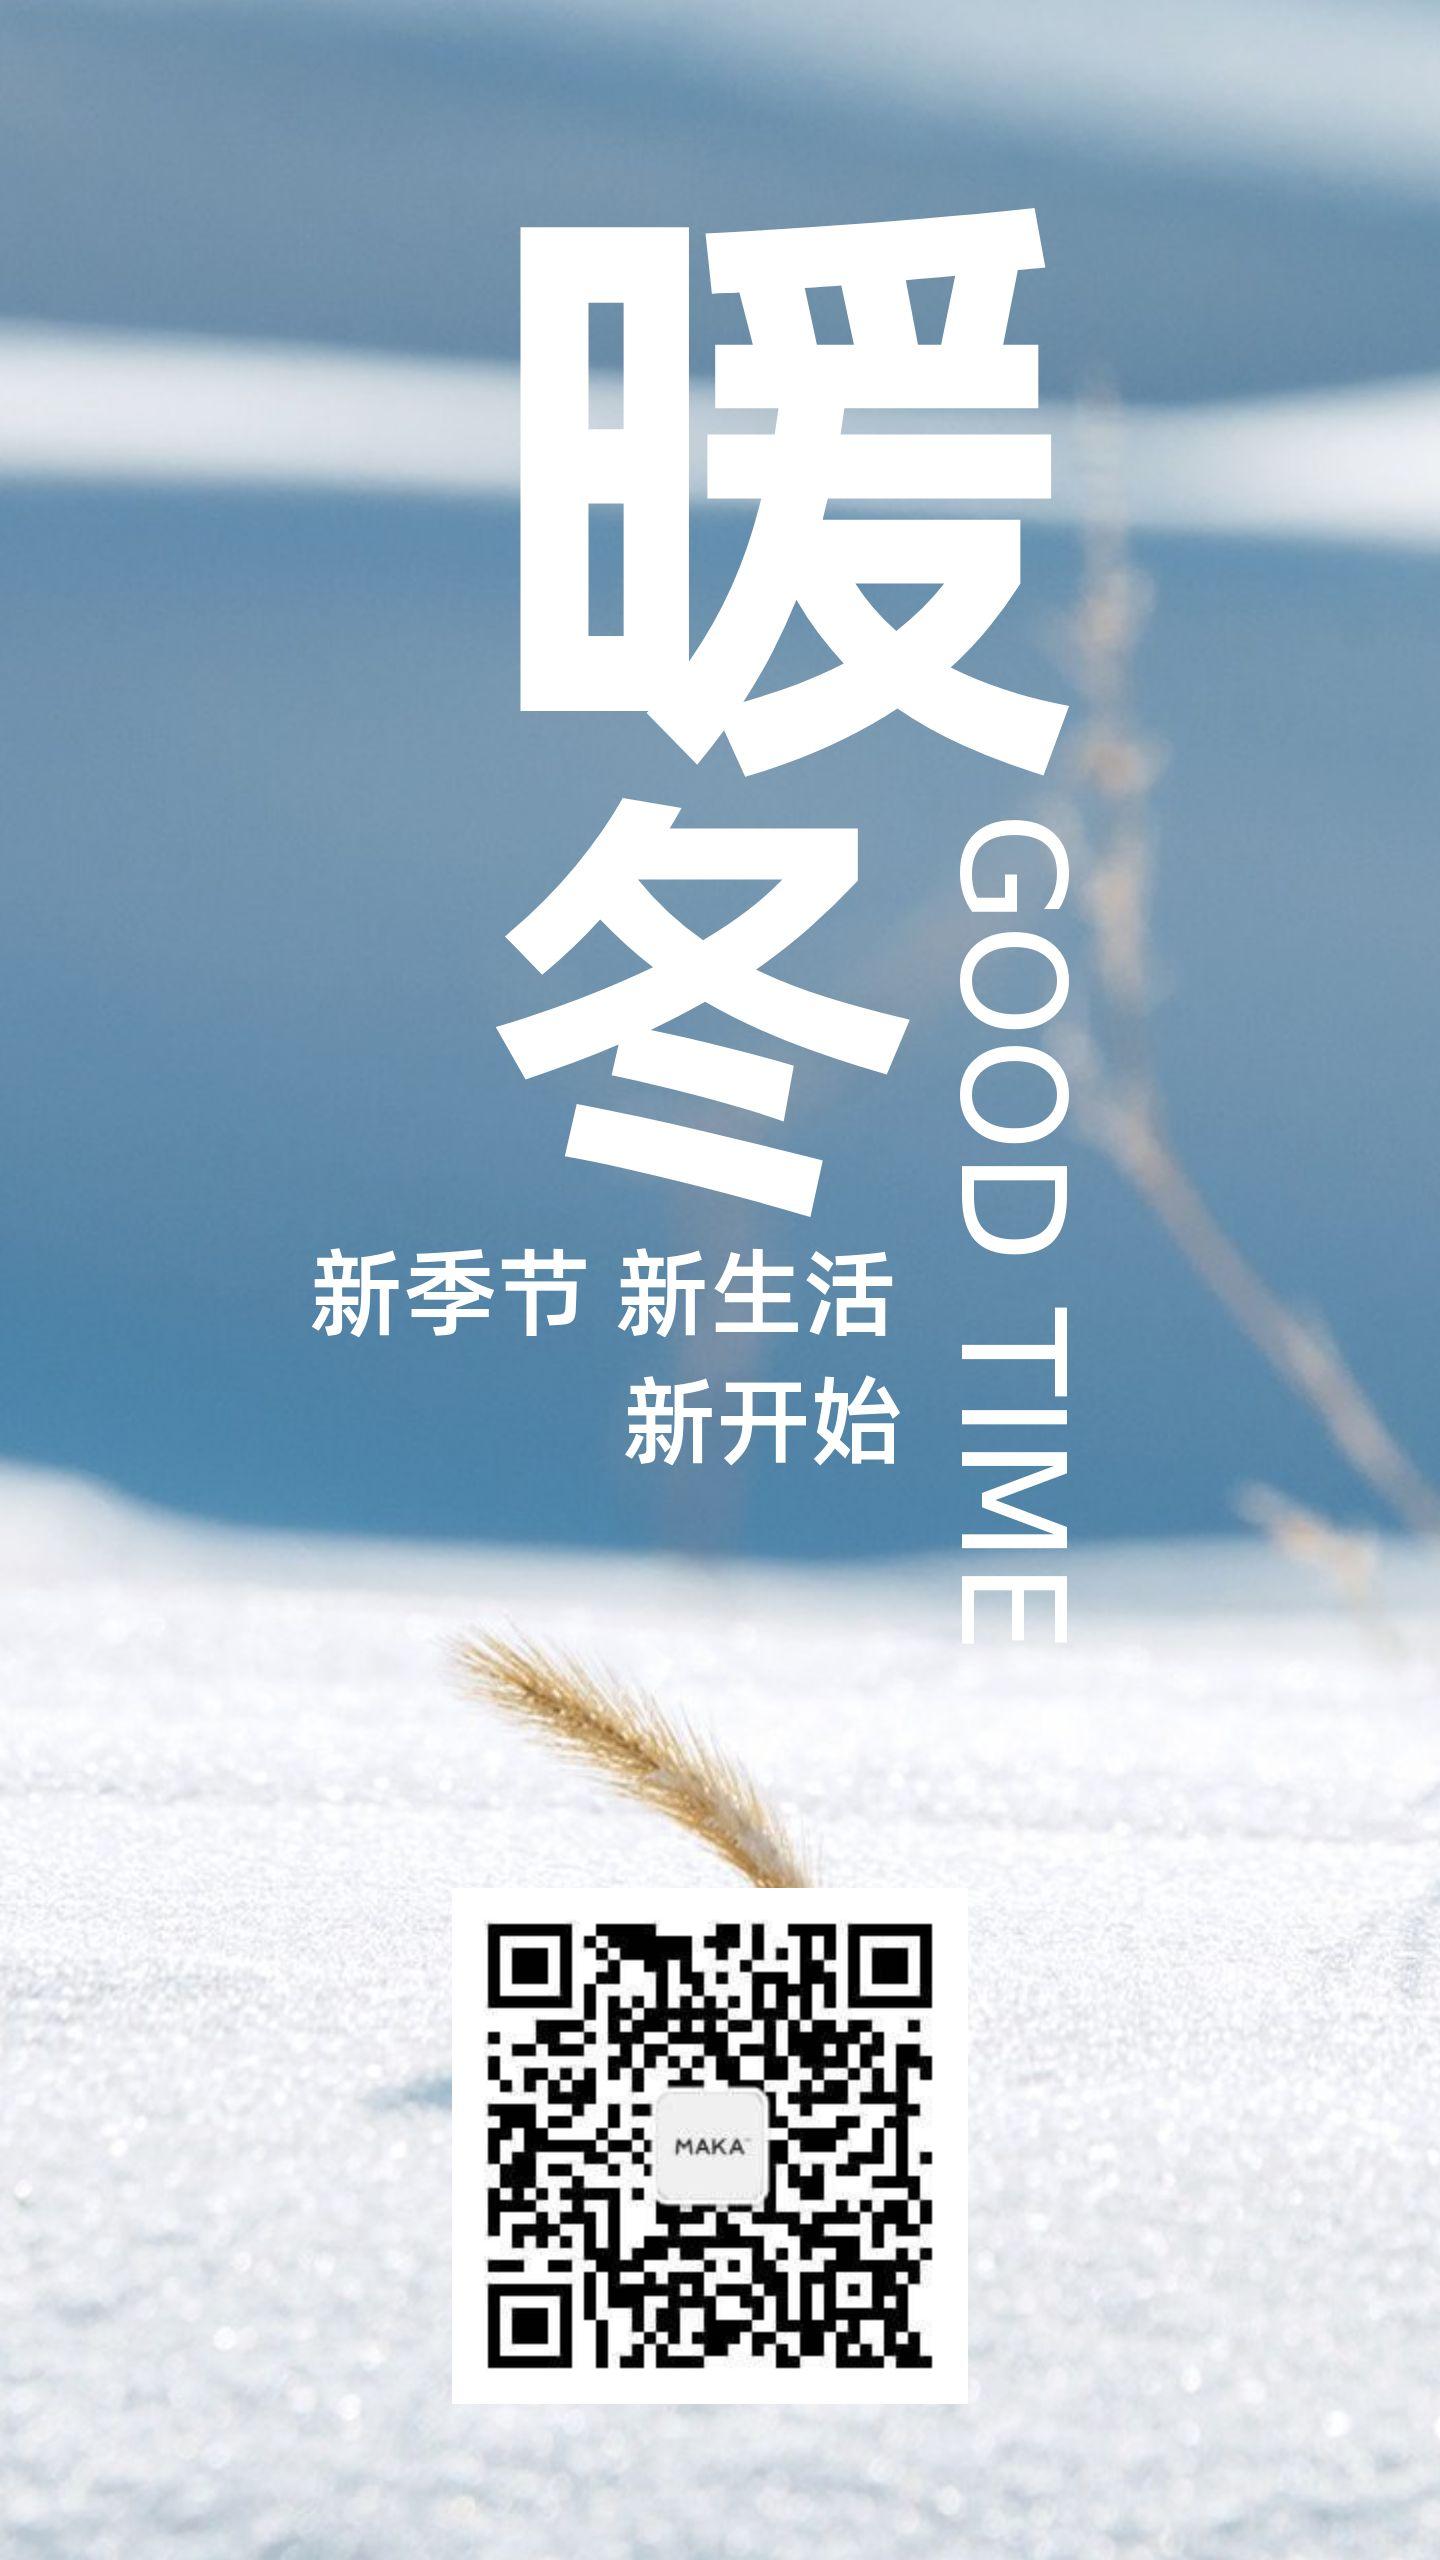 文艺清新冬日生活语录日签手机海报